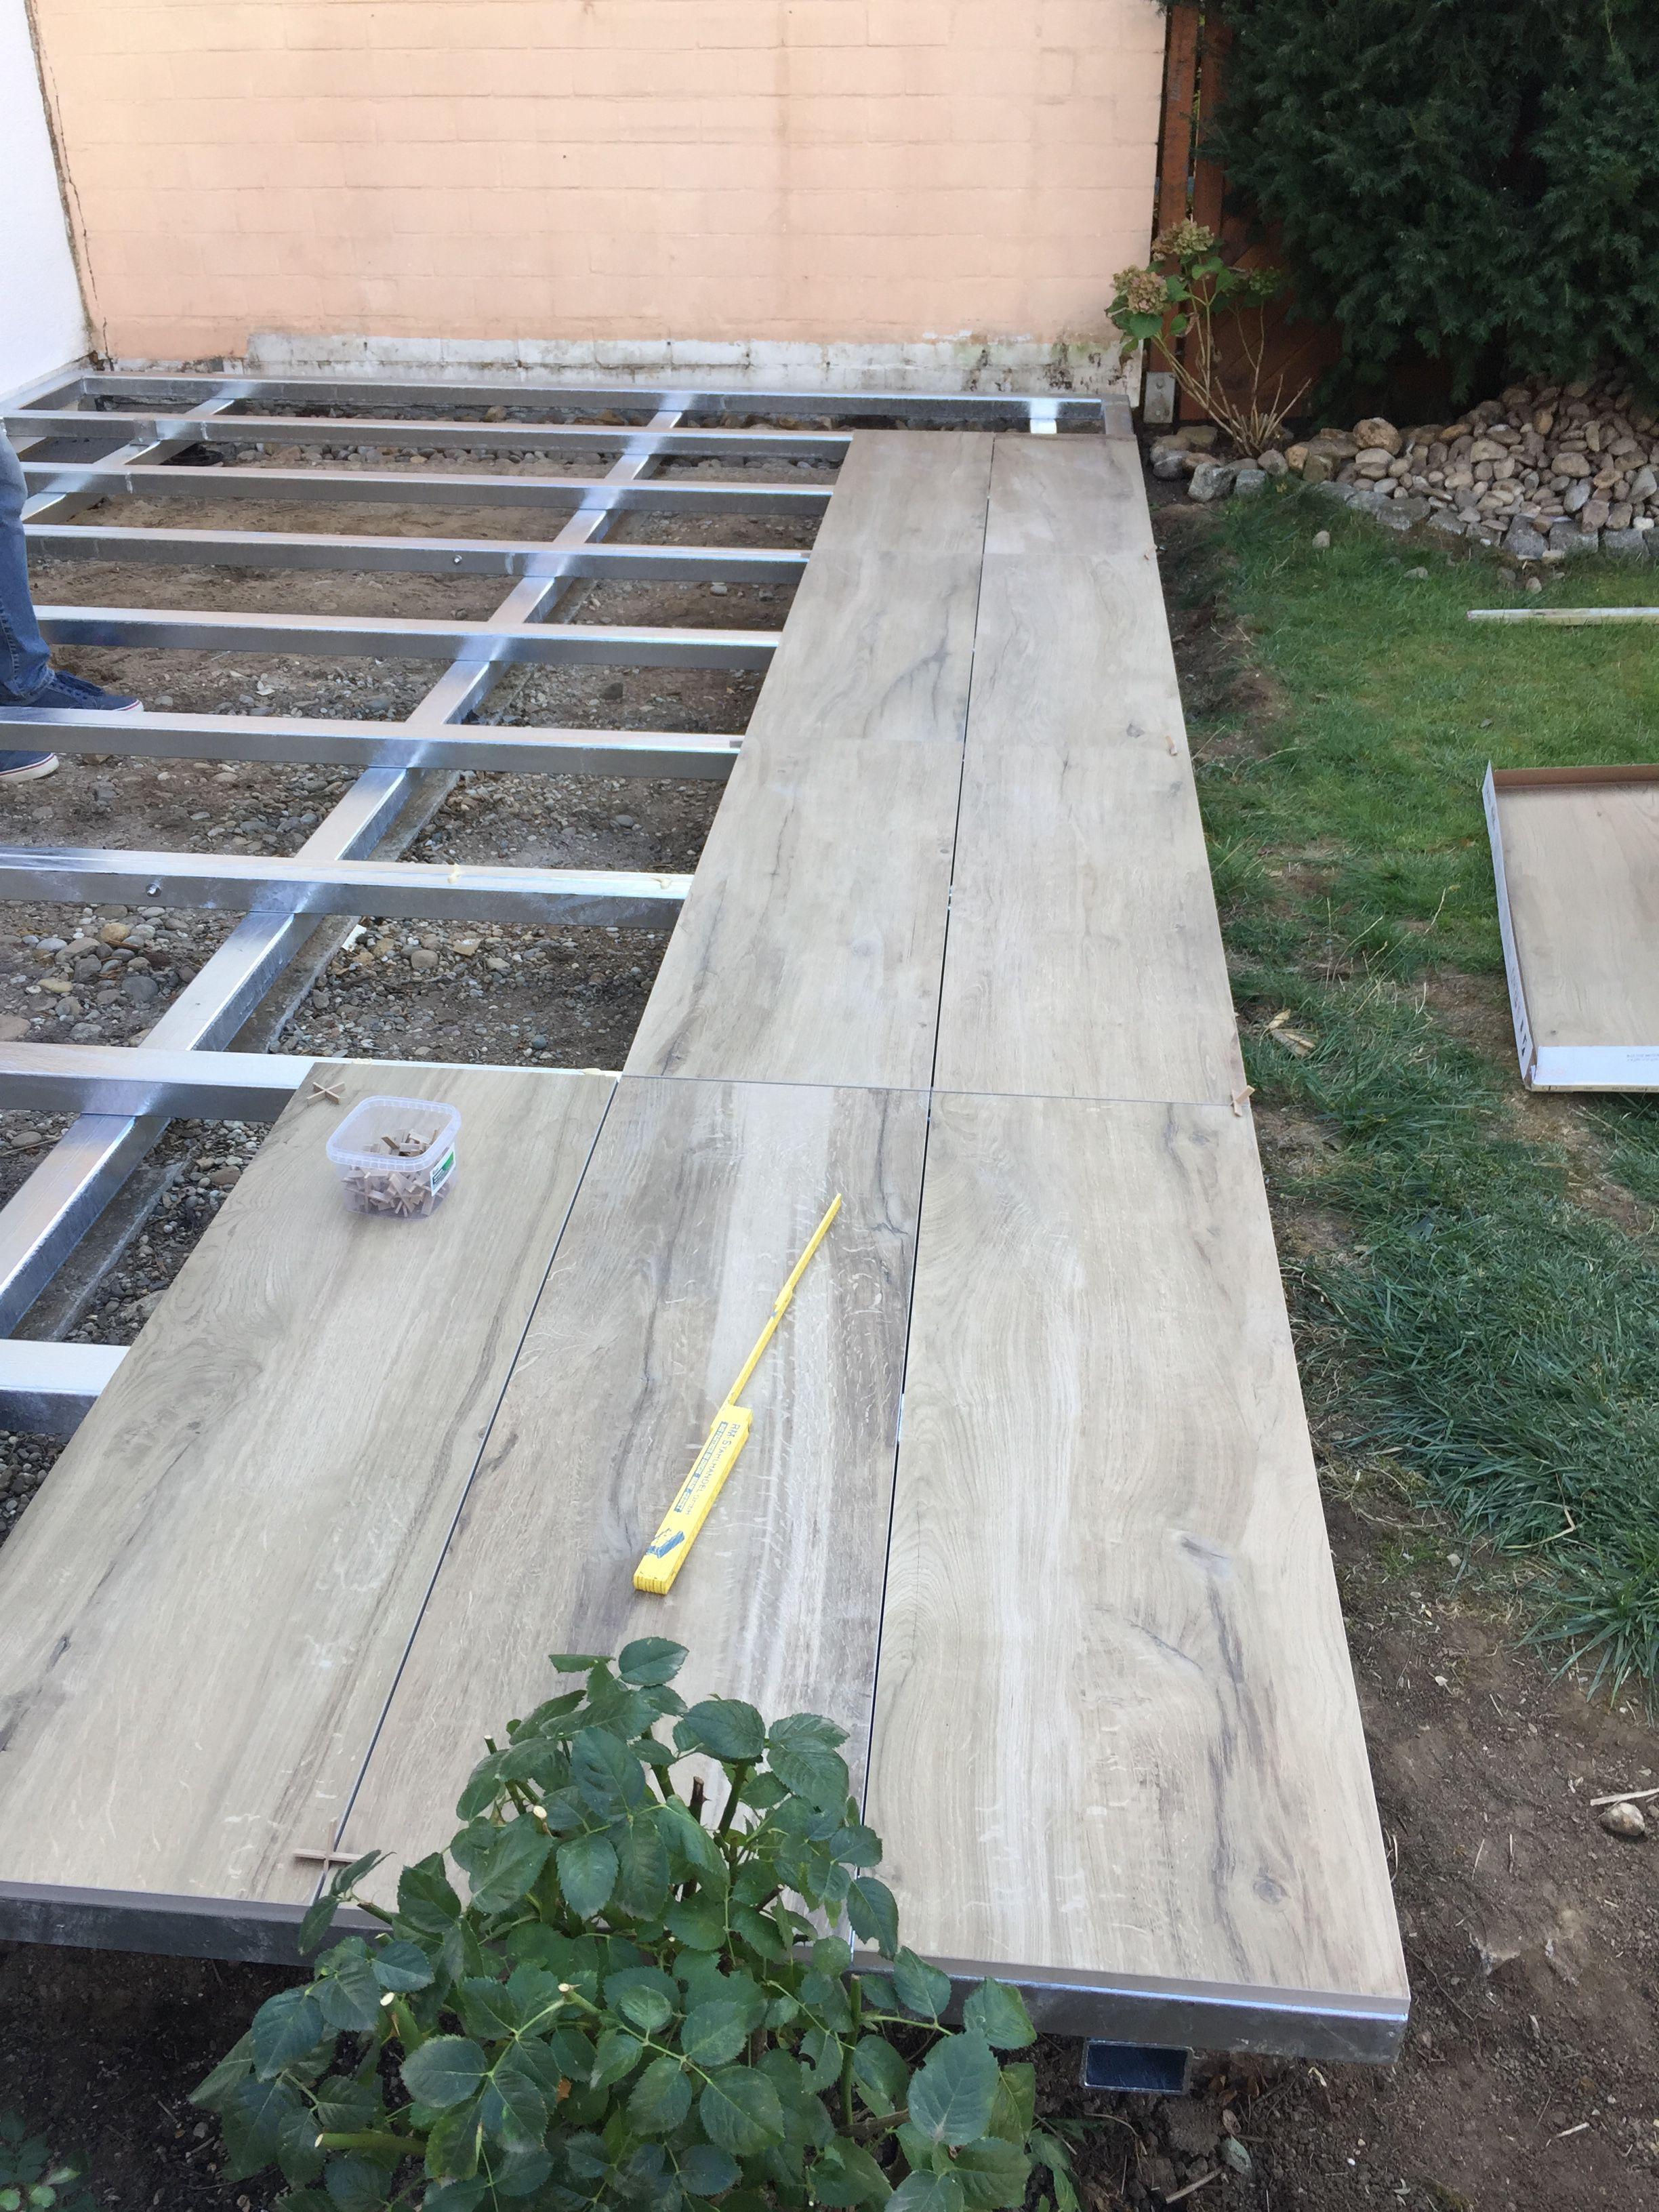 Terrasse mit holzoptik fliesen metallbau in 2019 for Fliesen holzoptik garten